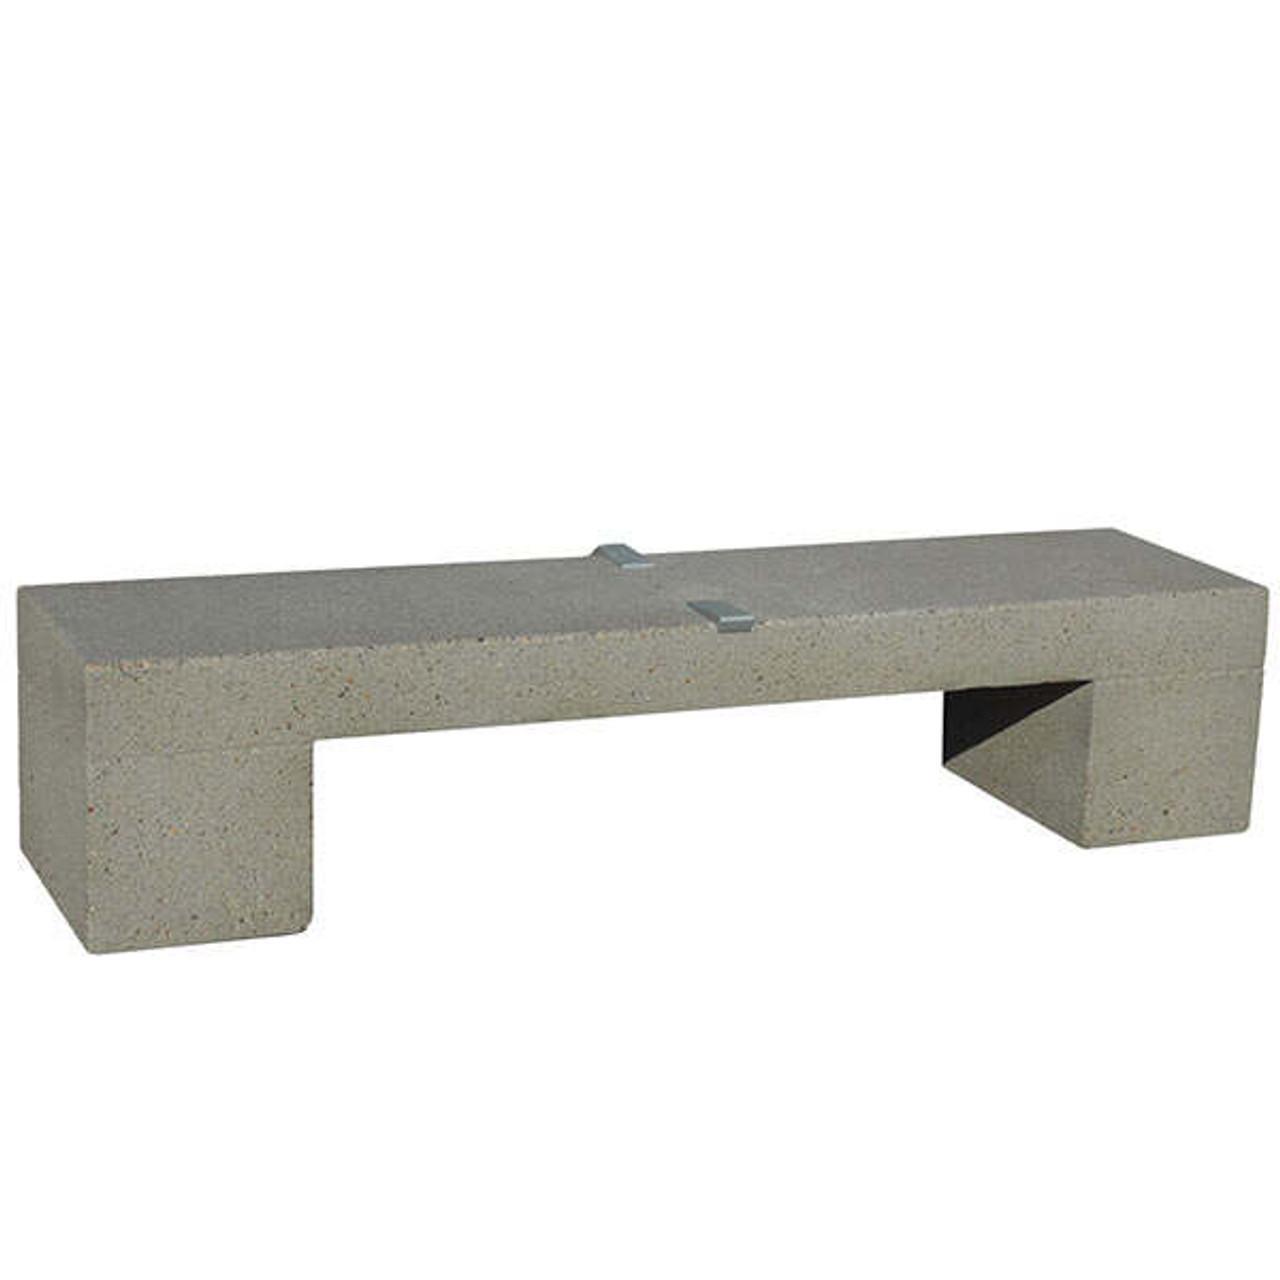 Concrete Tech Bench TF5027